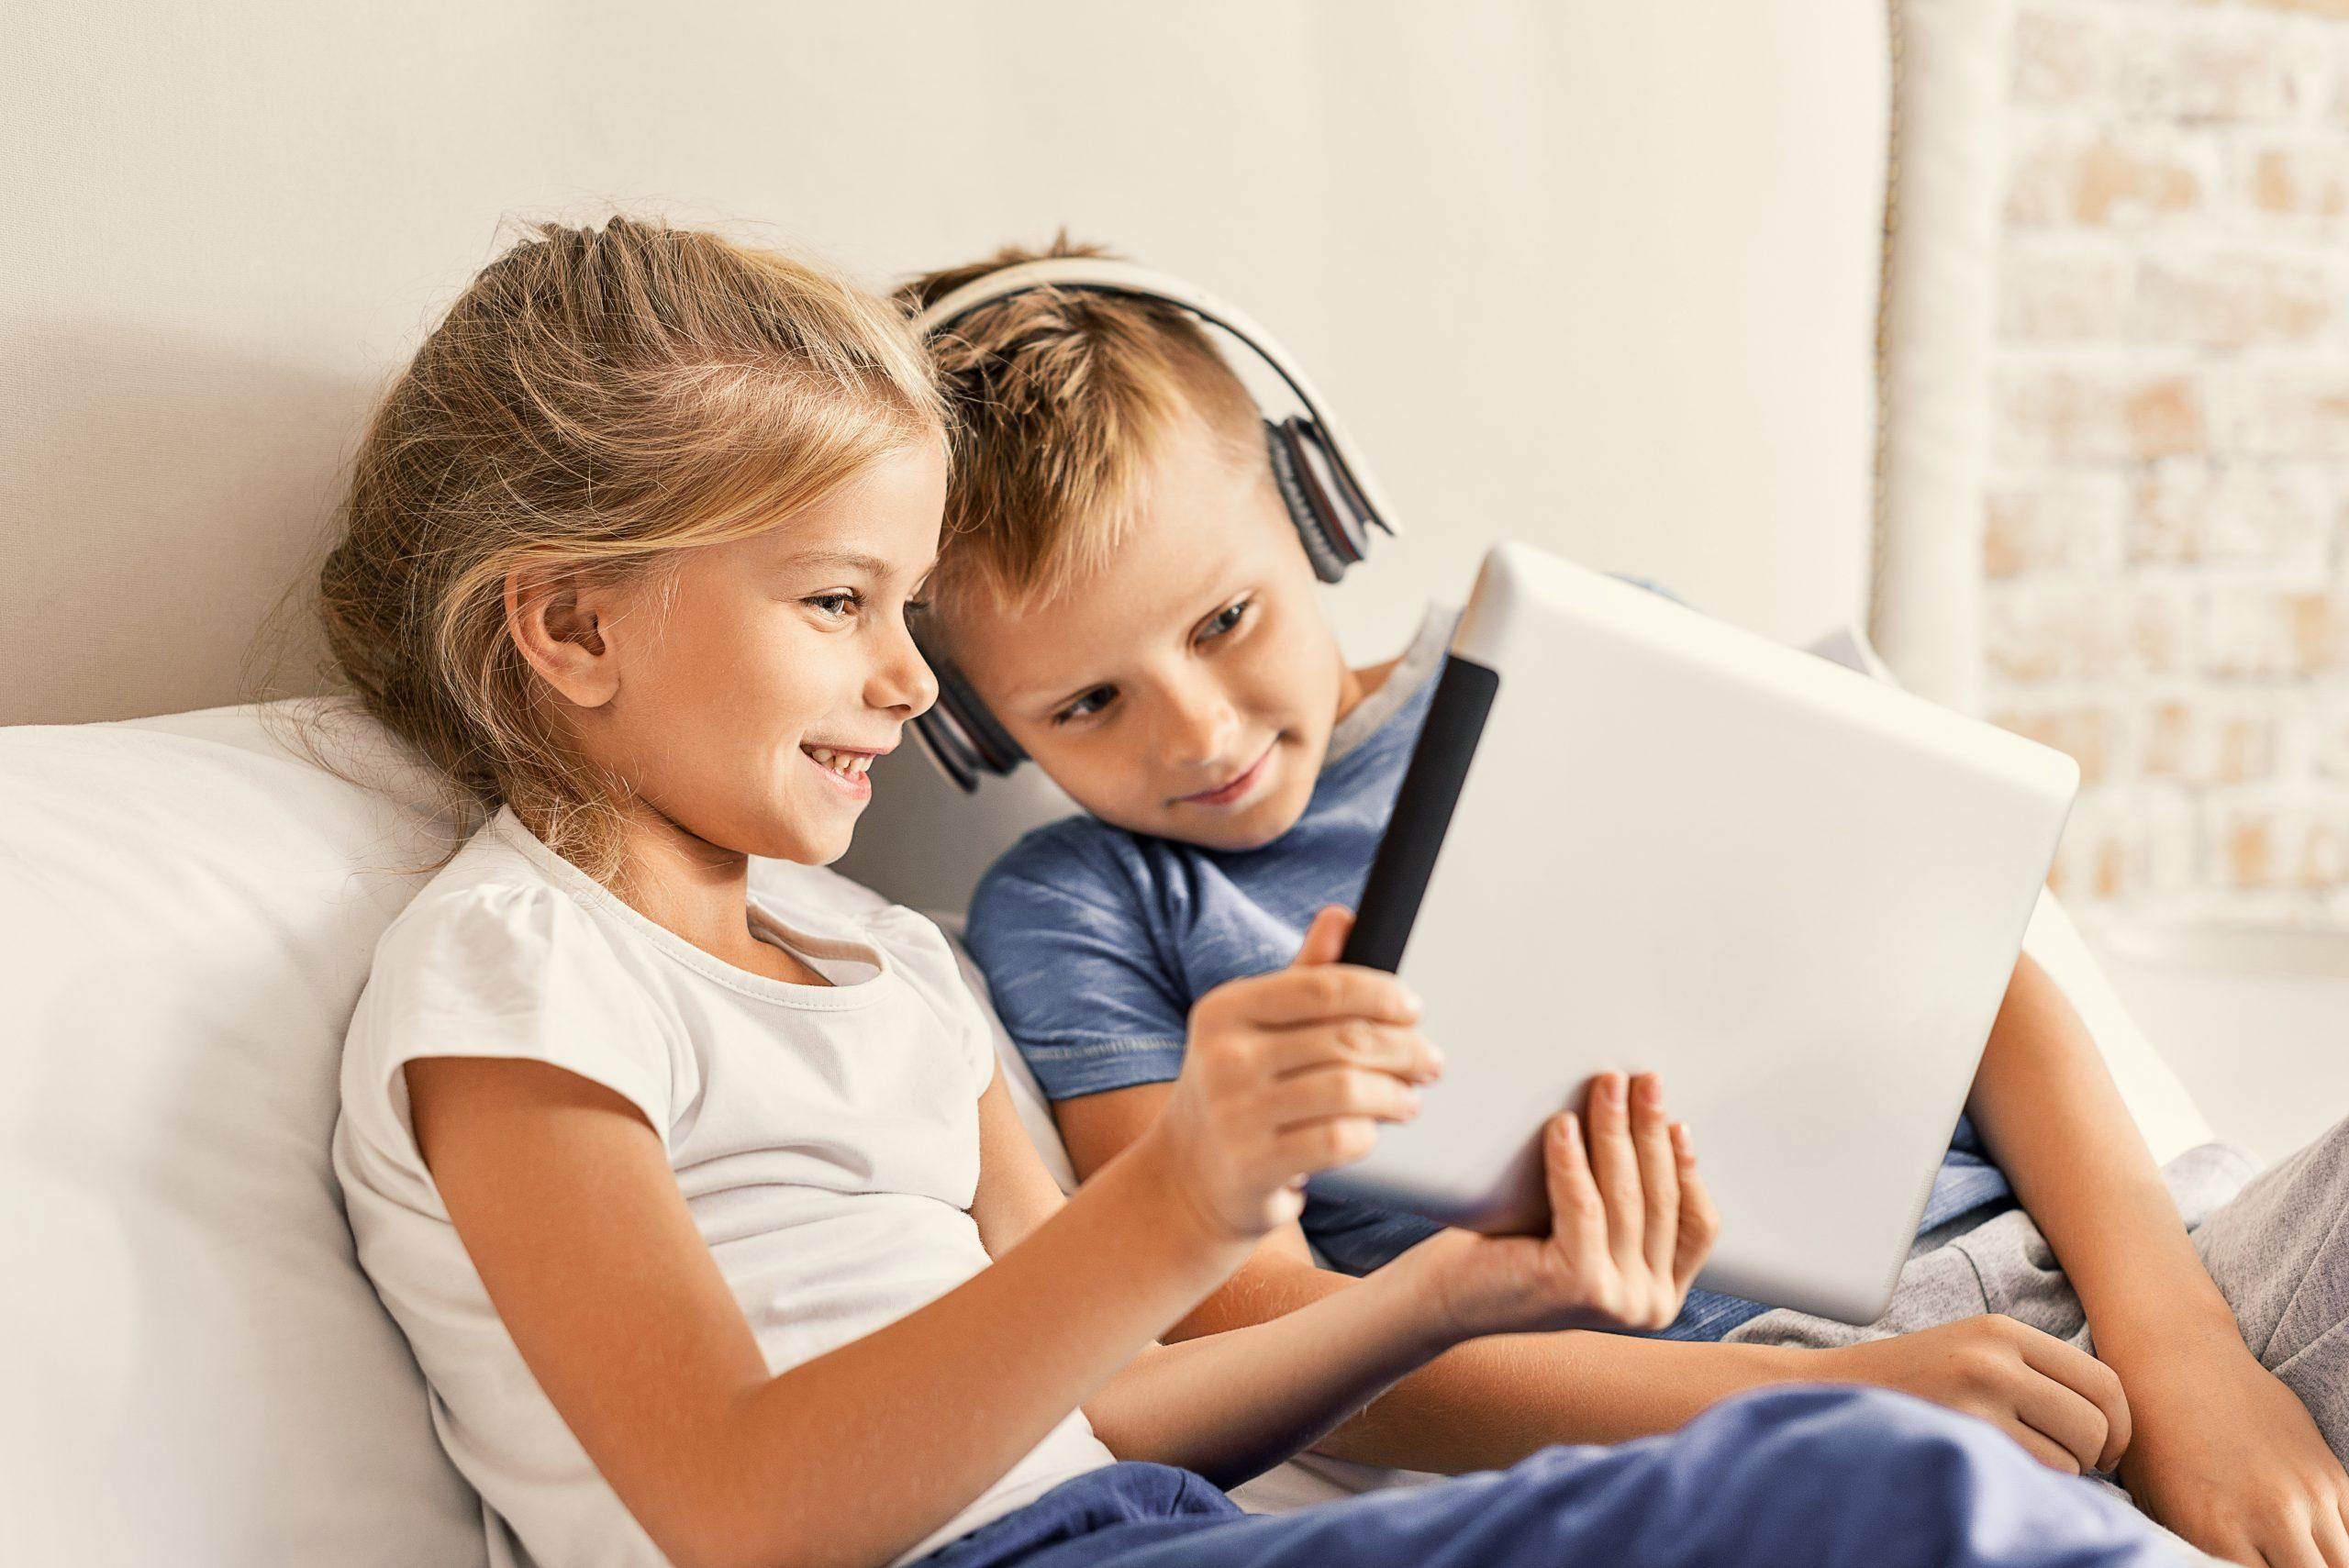 11 лучших детских планшетов в 2021 году